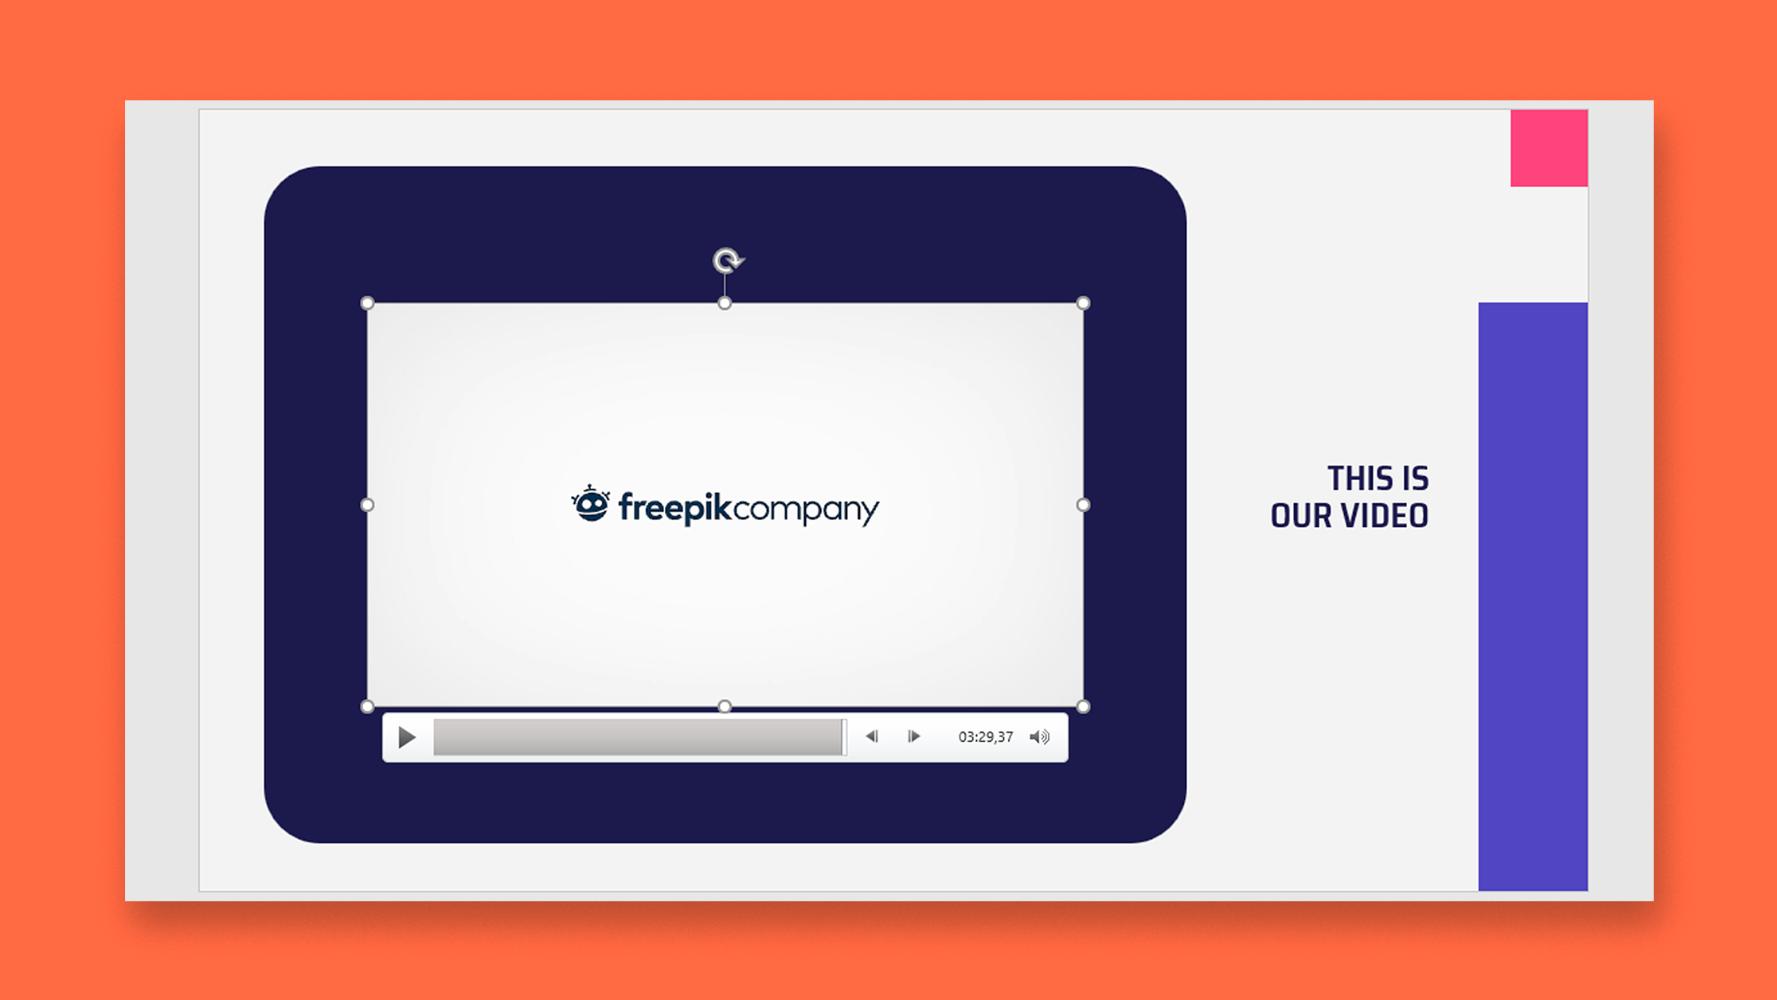 Comment ajouter une vidéo dans PowerPoint | Tutoriels et conseils pour vos présentations